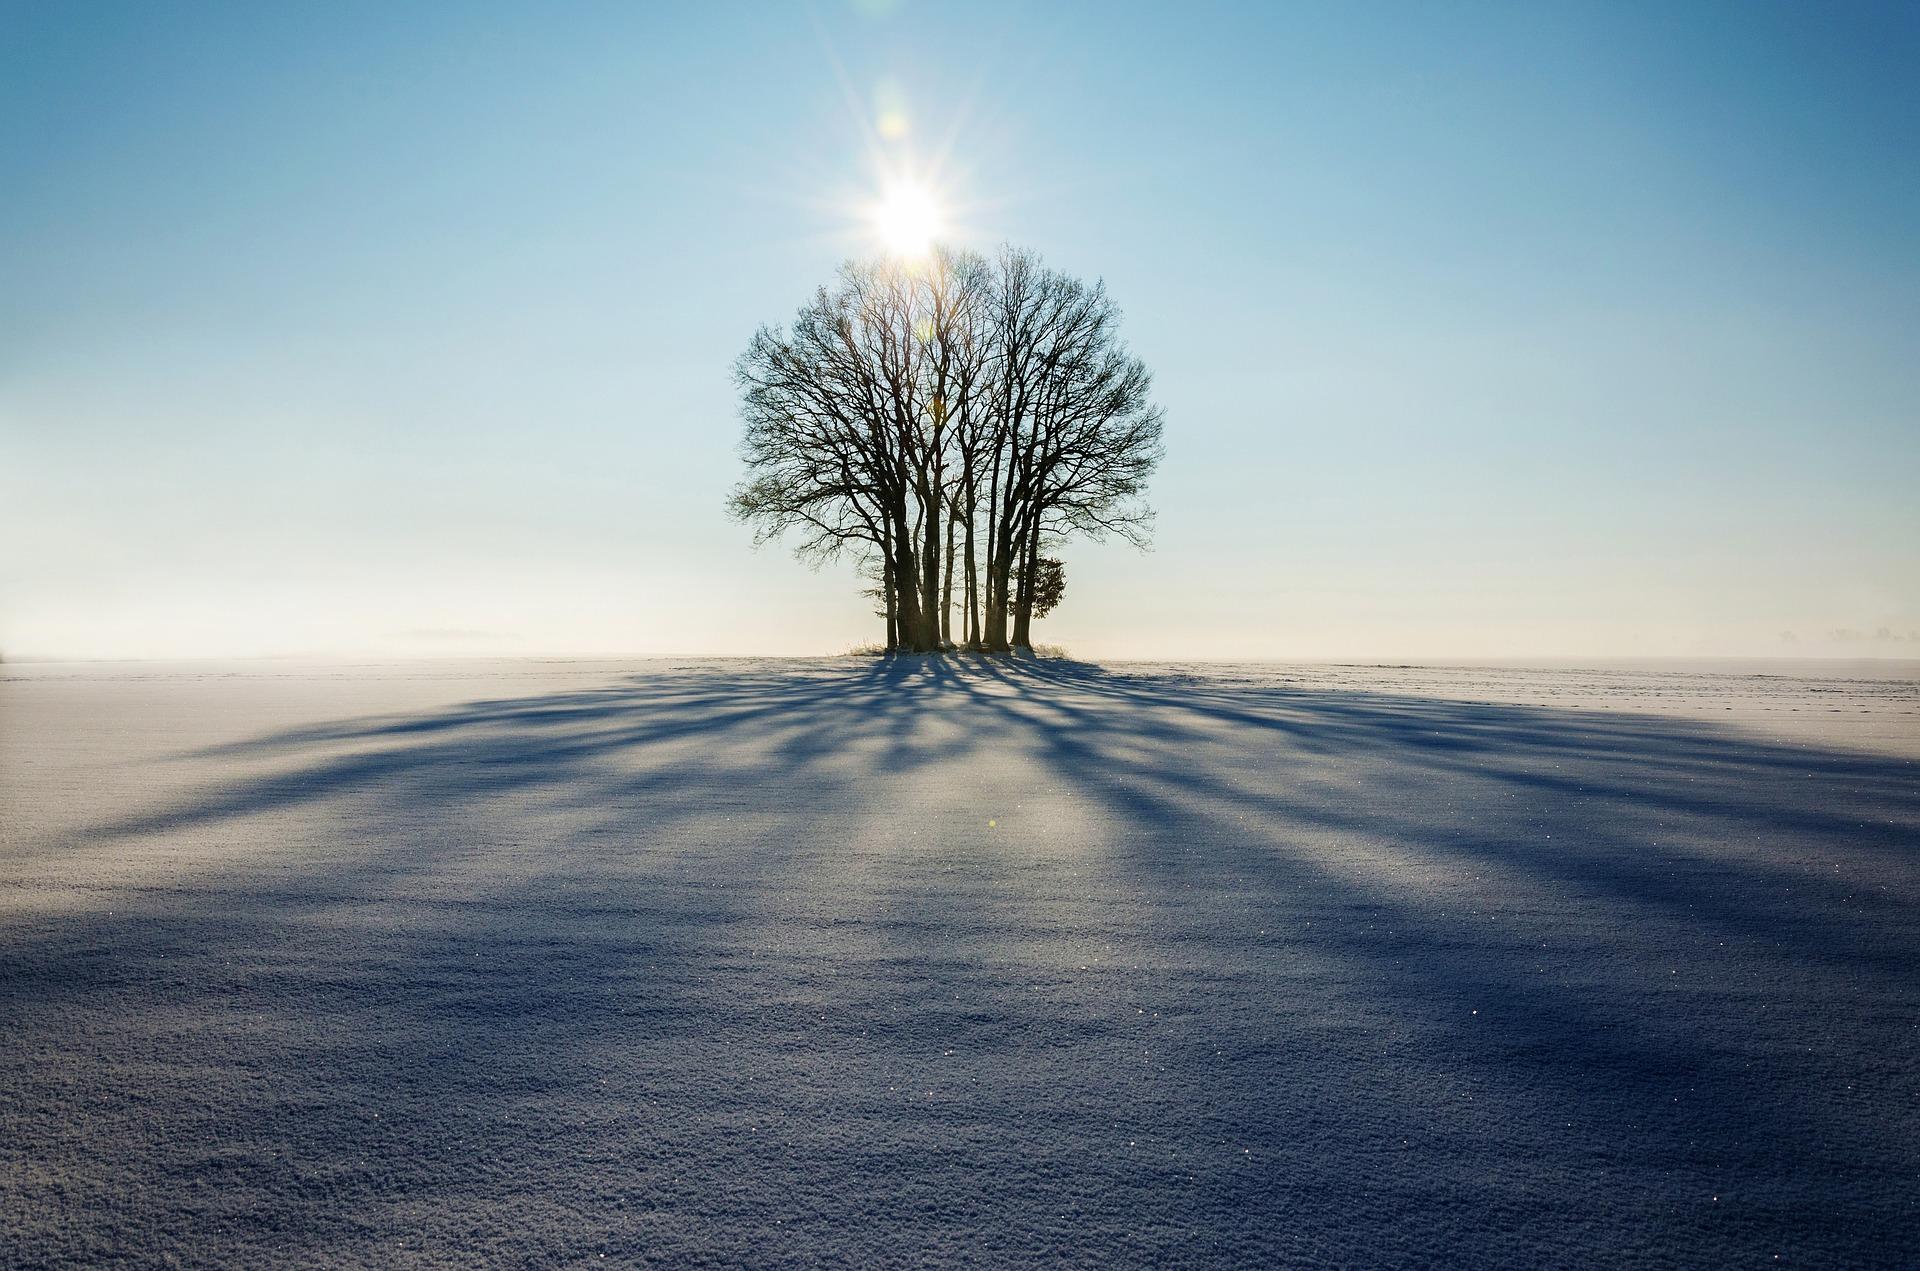 Aller à l'essentiel avec cette Nouvelle Lune du 13 janvier !